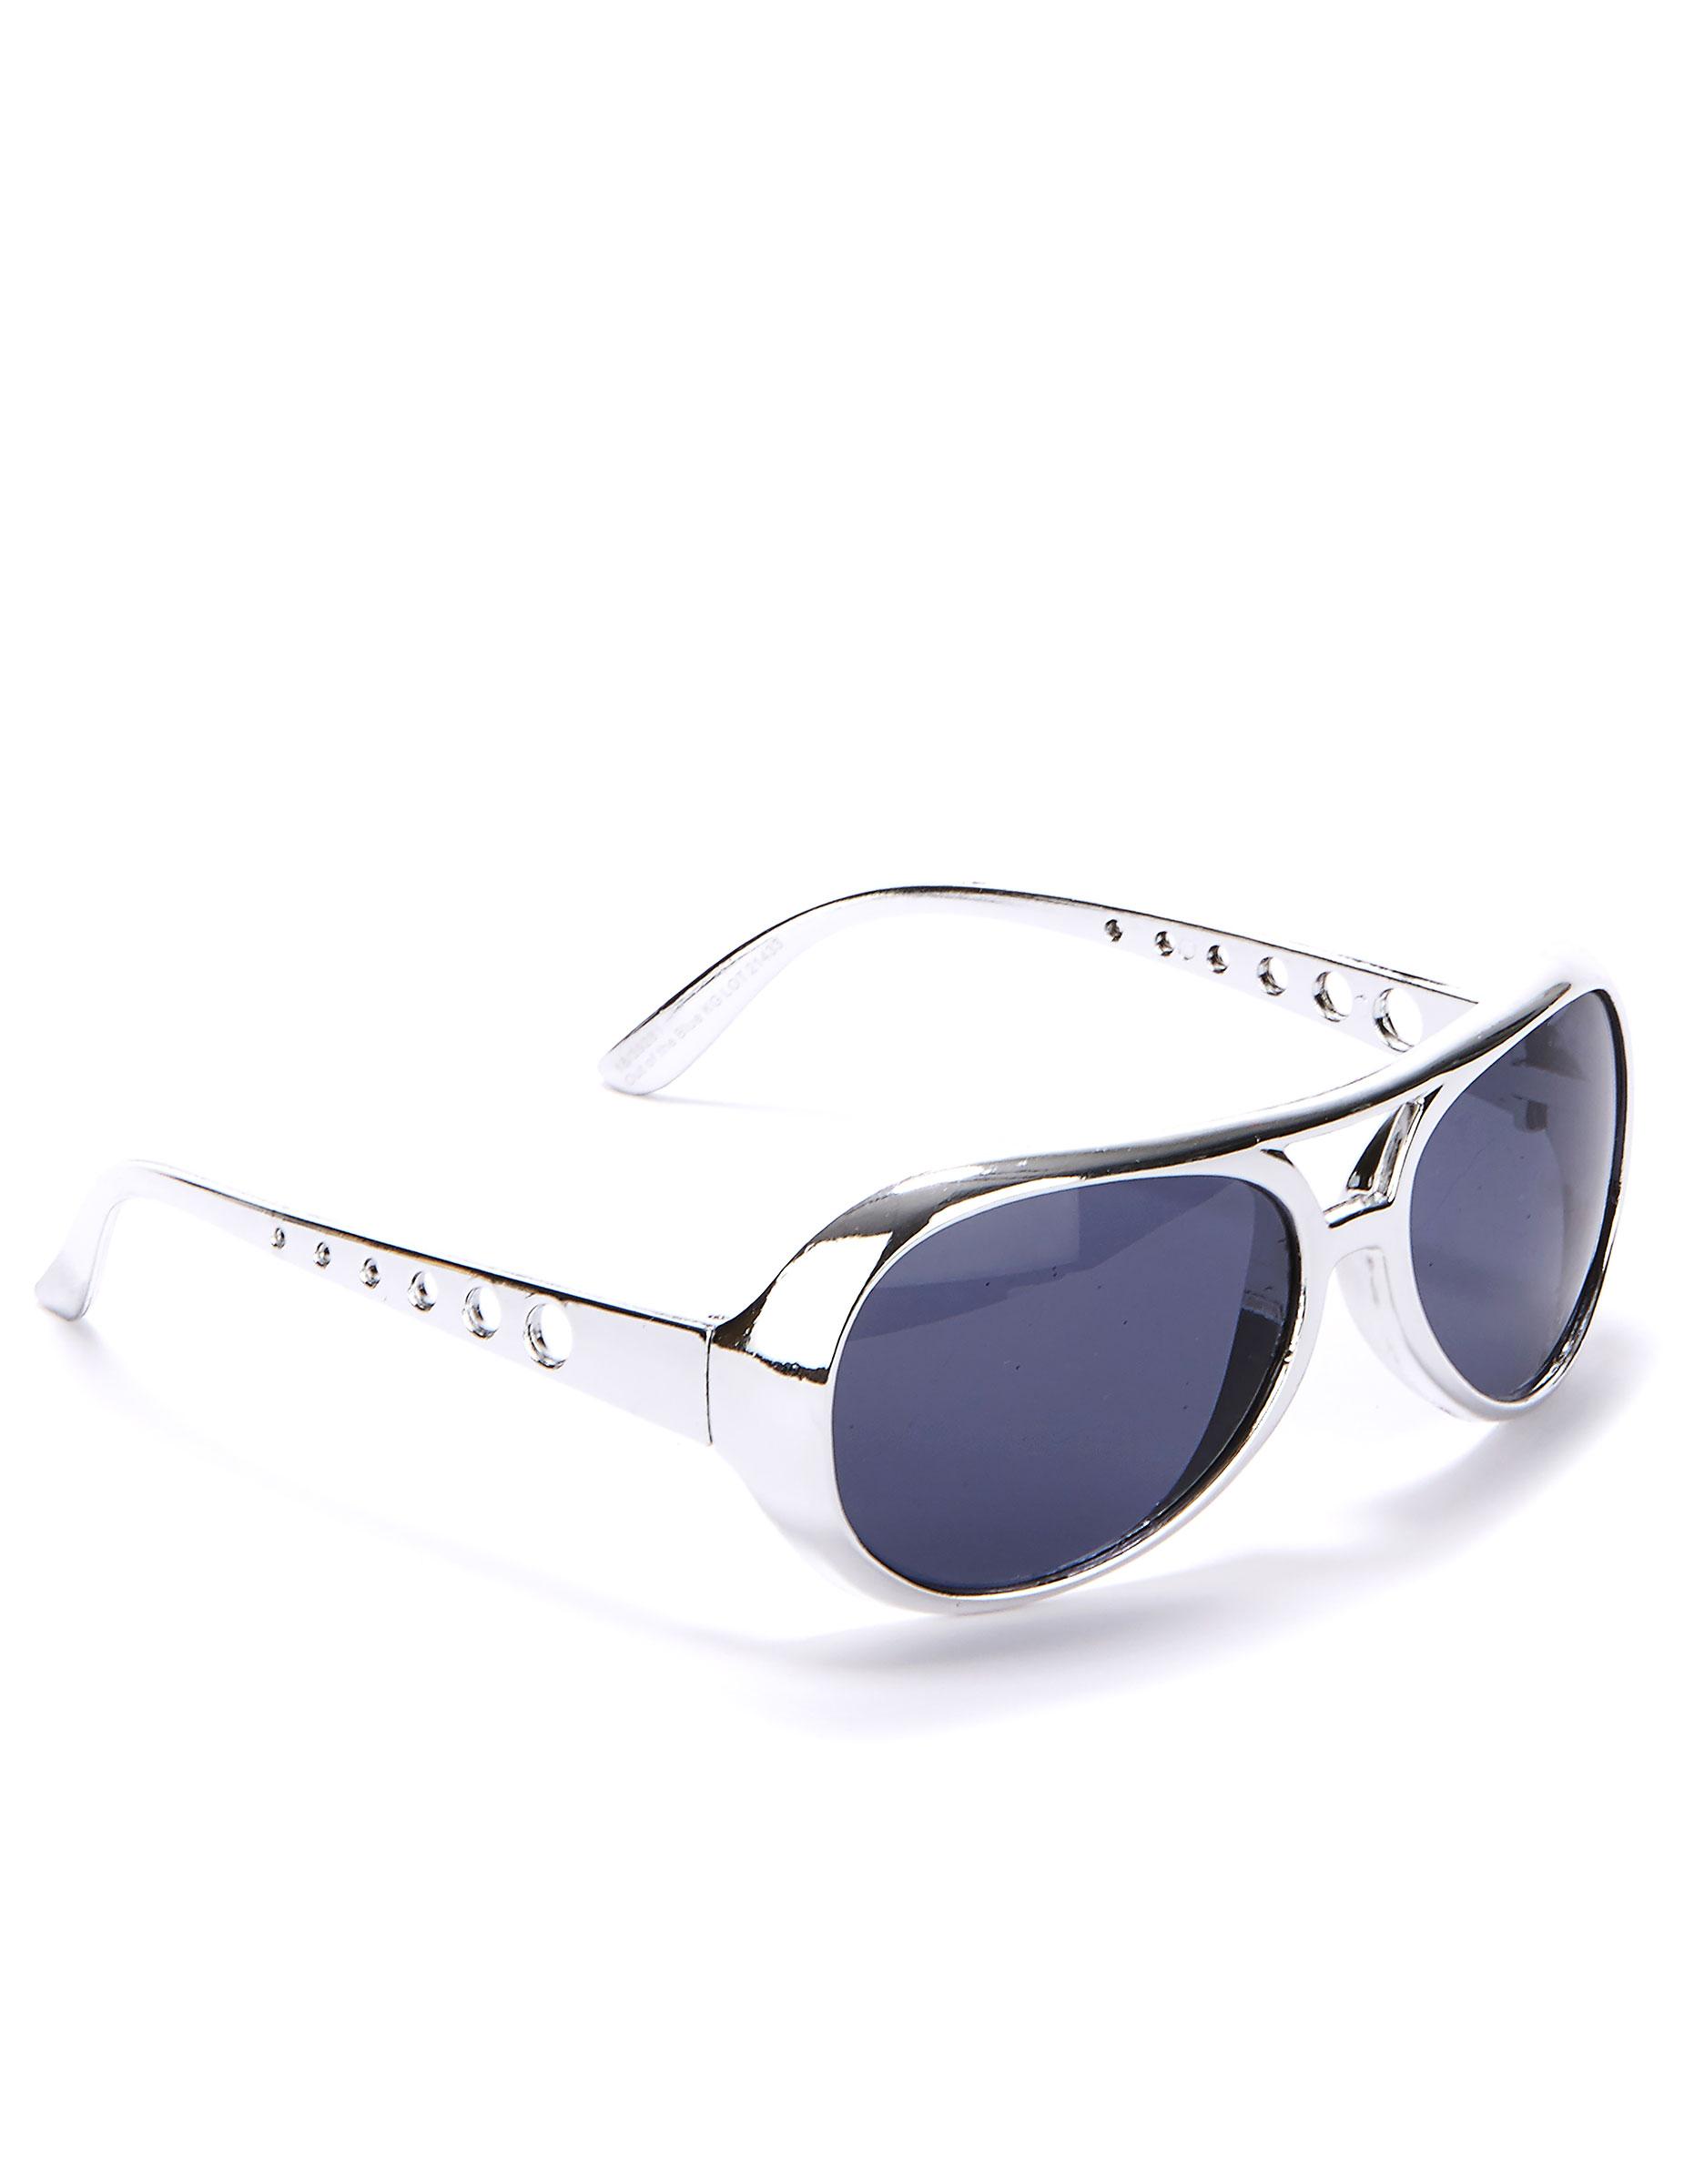 50er jahre brille im biker look silber schwarz g nstige faschings accessoires zubeh r bei. Black Bedroom Furniture Sets. Home Design Ideas